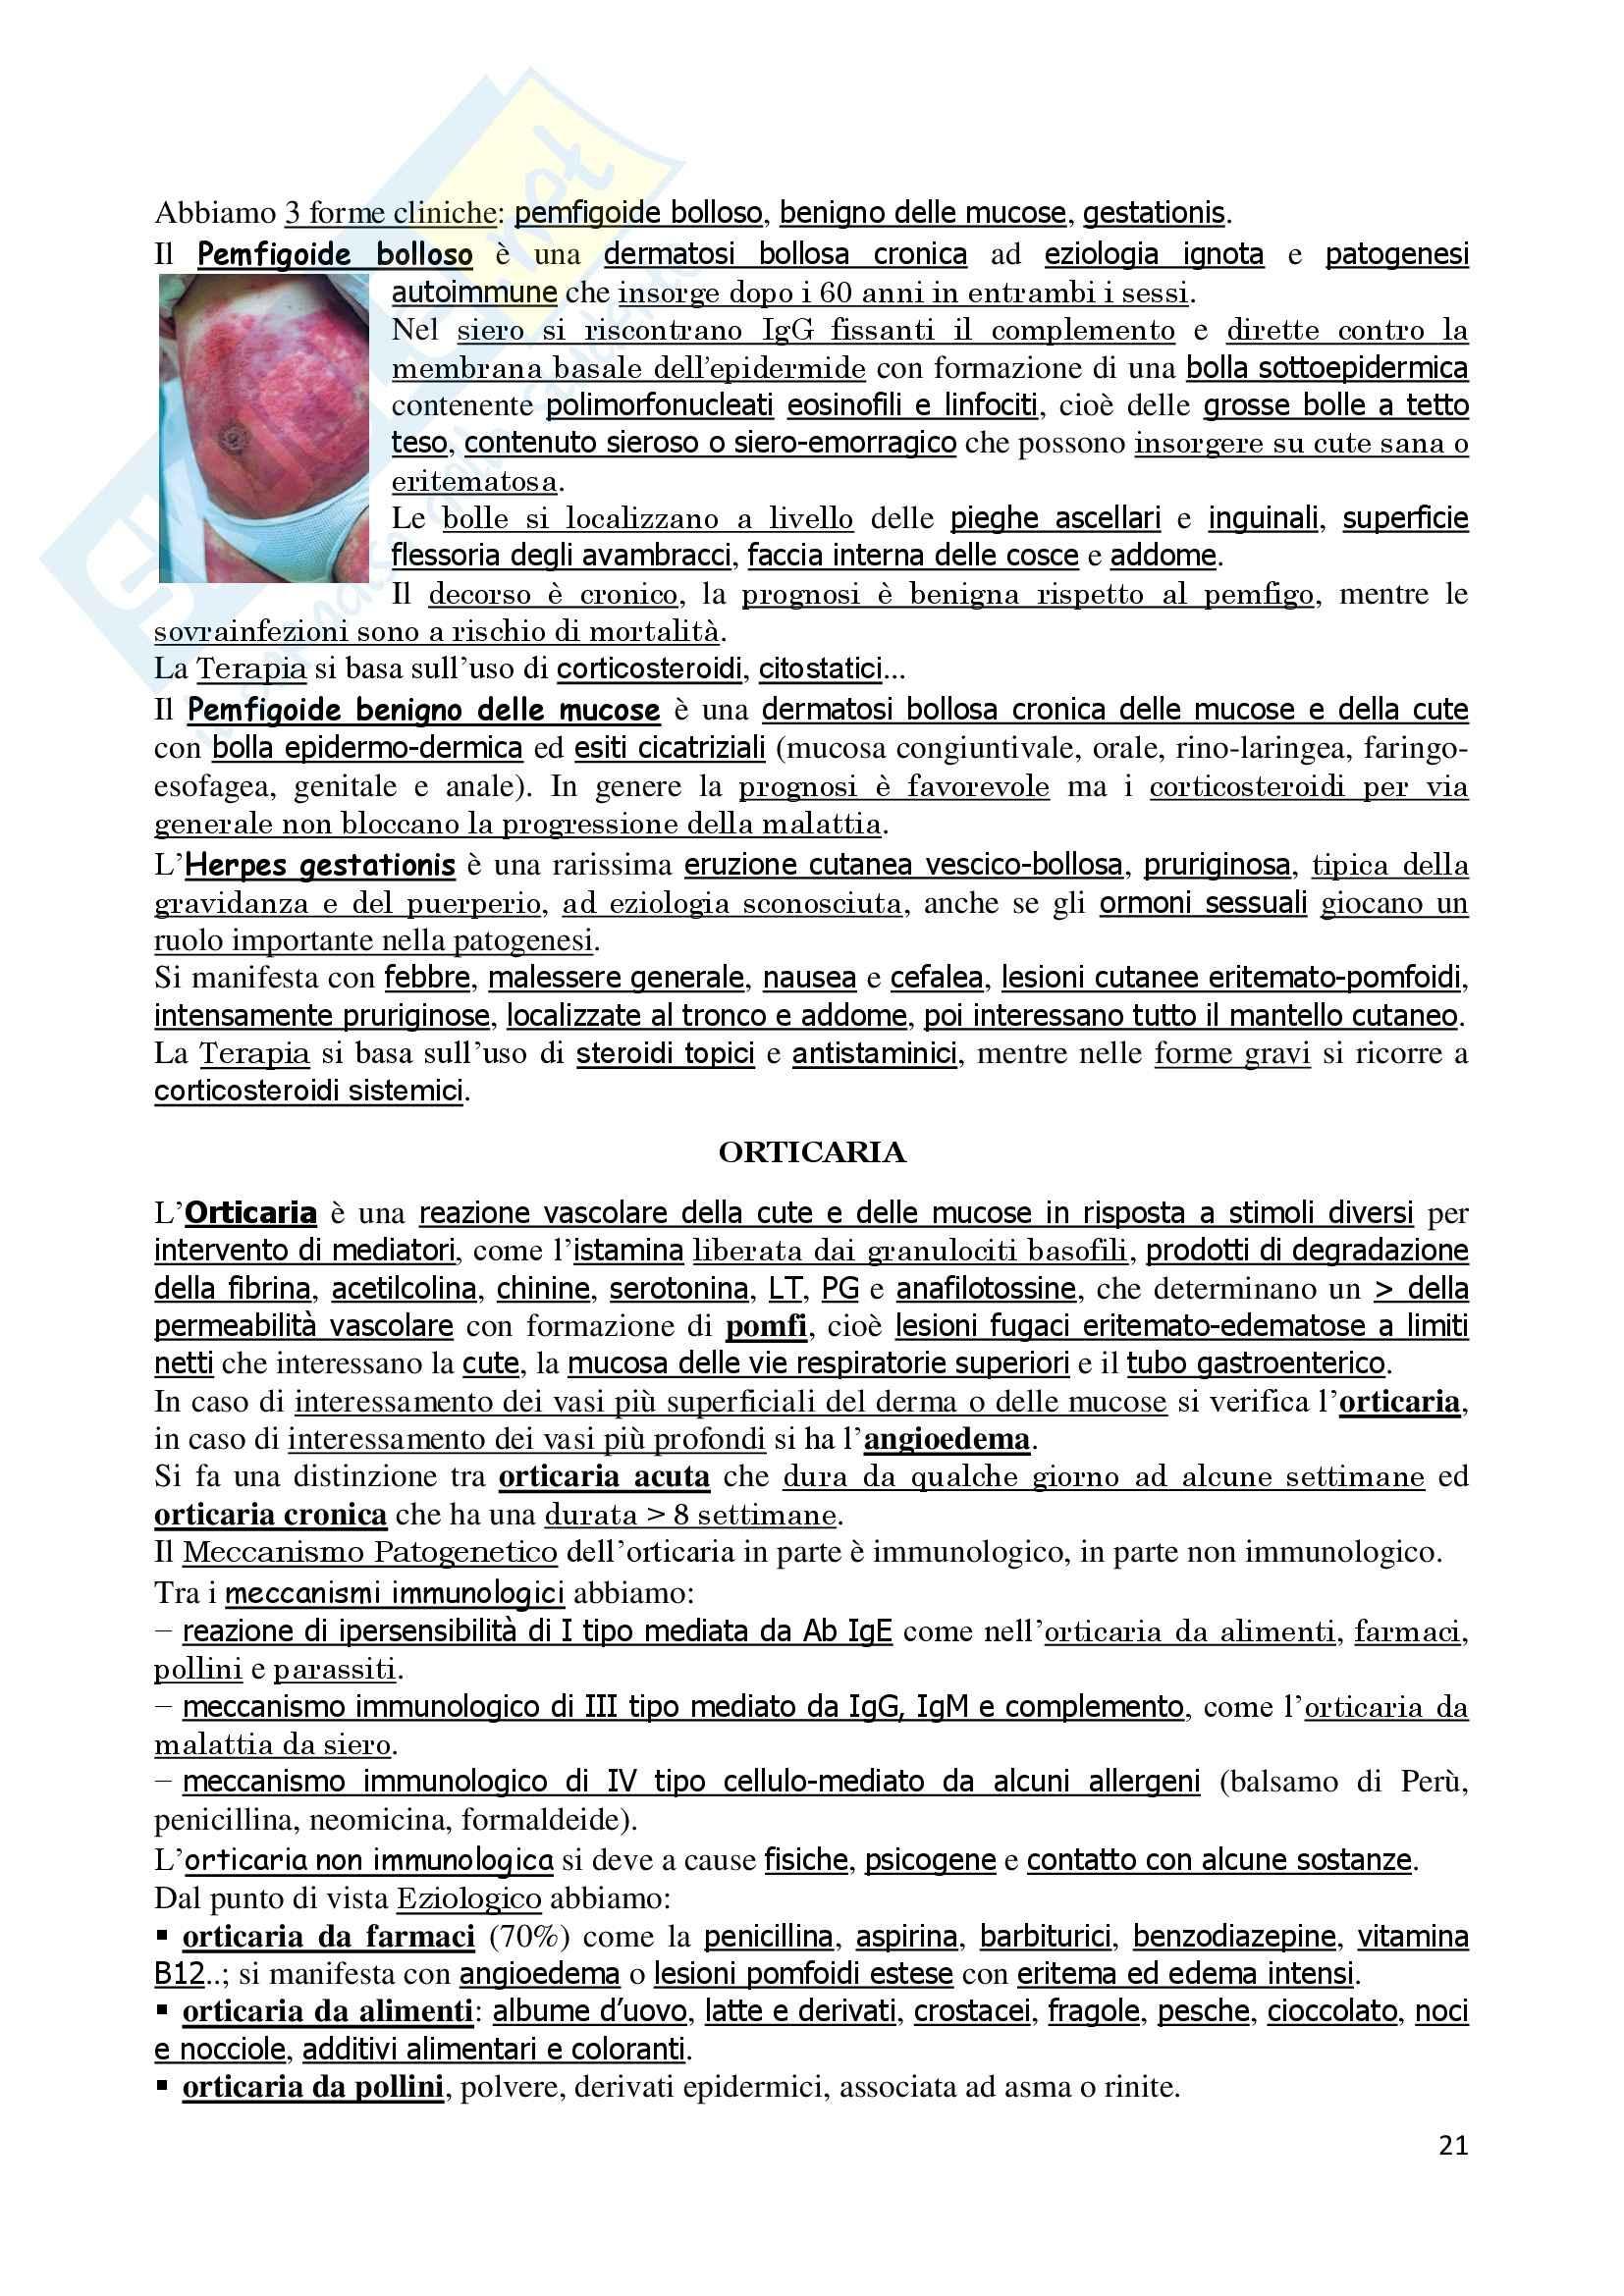 Dermatologia - Anatomia e fisiologia della cute Pag. 21